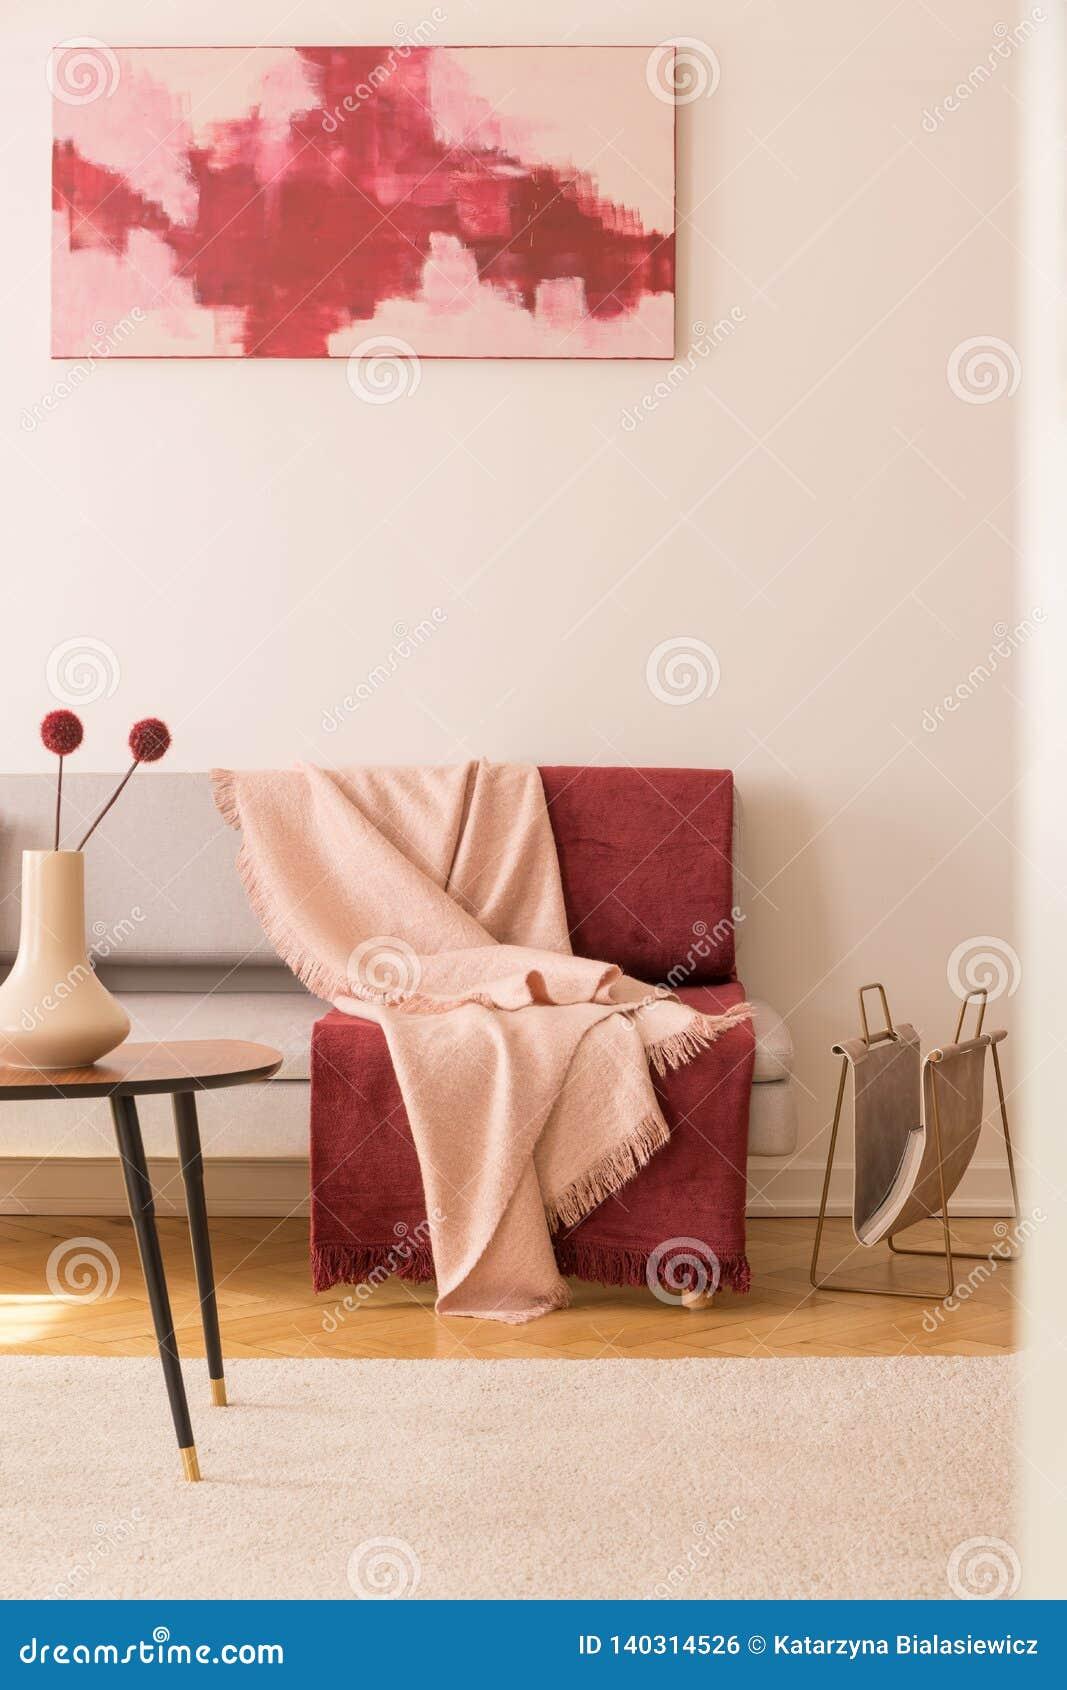 Peinture Abstraite Sur Le Mur Blanc Vide Du Salon élégant